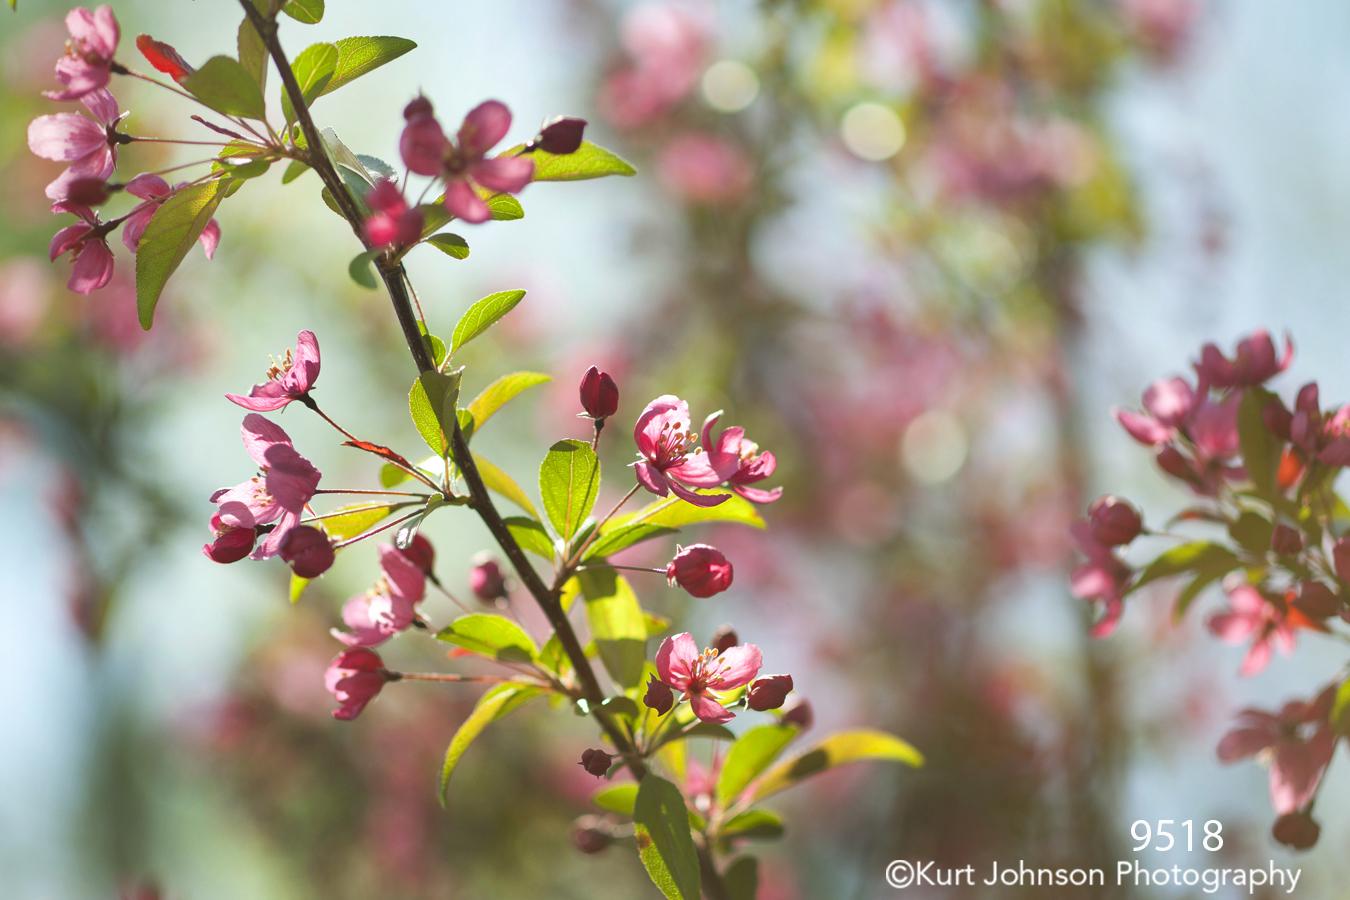 flower pink buds flowering tree green leaves